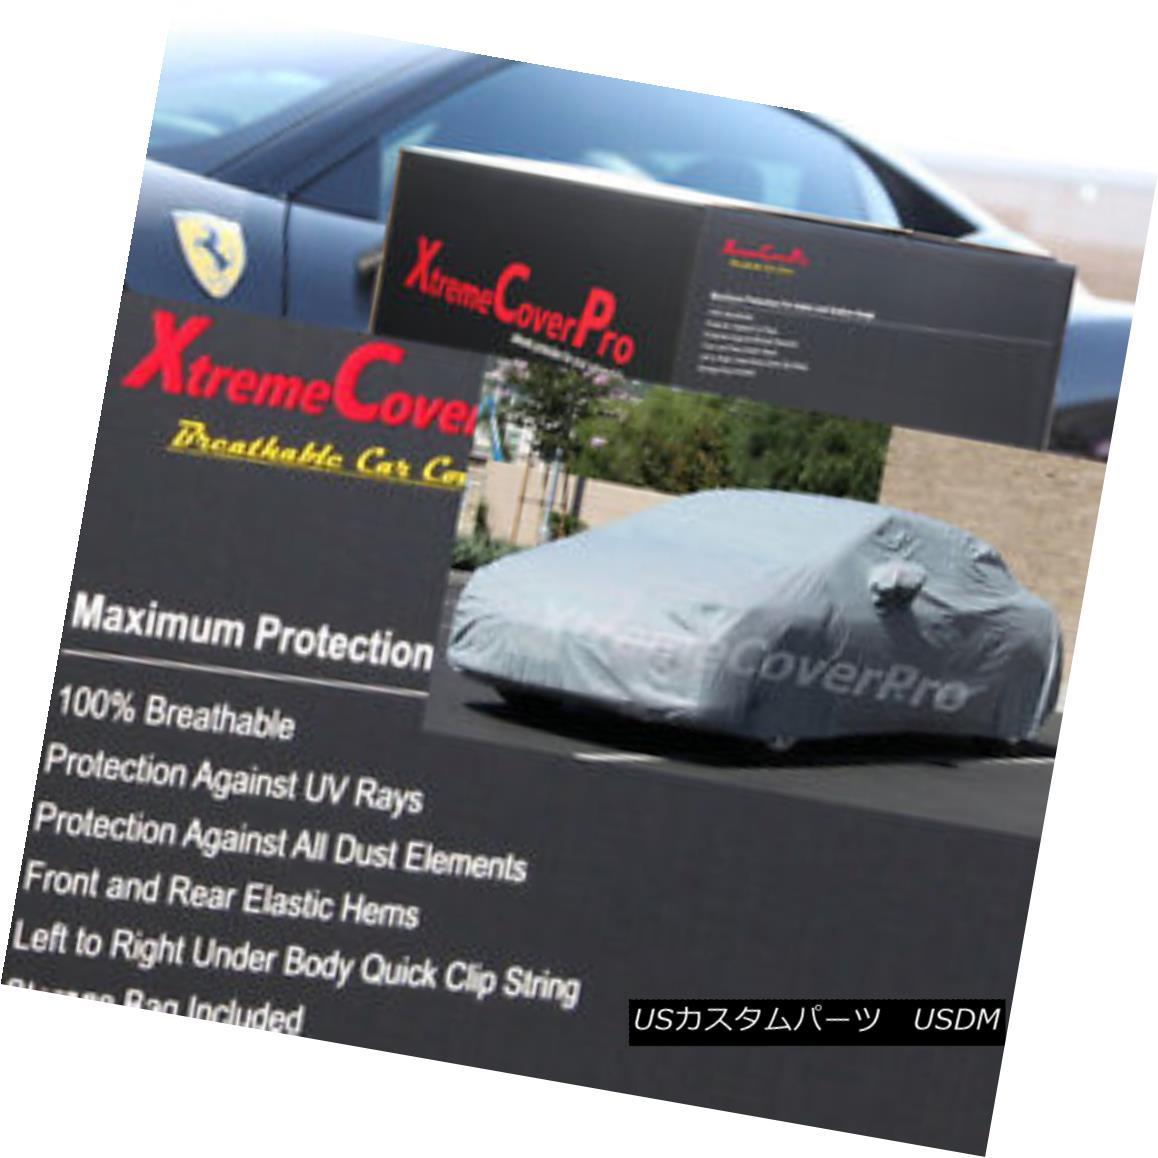 カーカバー 2015 AUDI A4 S4 Breathable Car Cover w/Mirror Pockets - Gray 2015 AUDI A4 S4通気性の車カバー、ミラーポケット付き - グレー